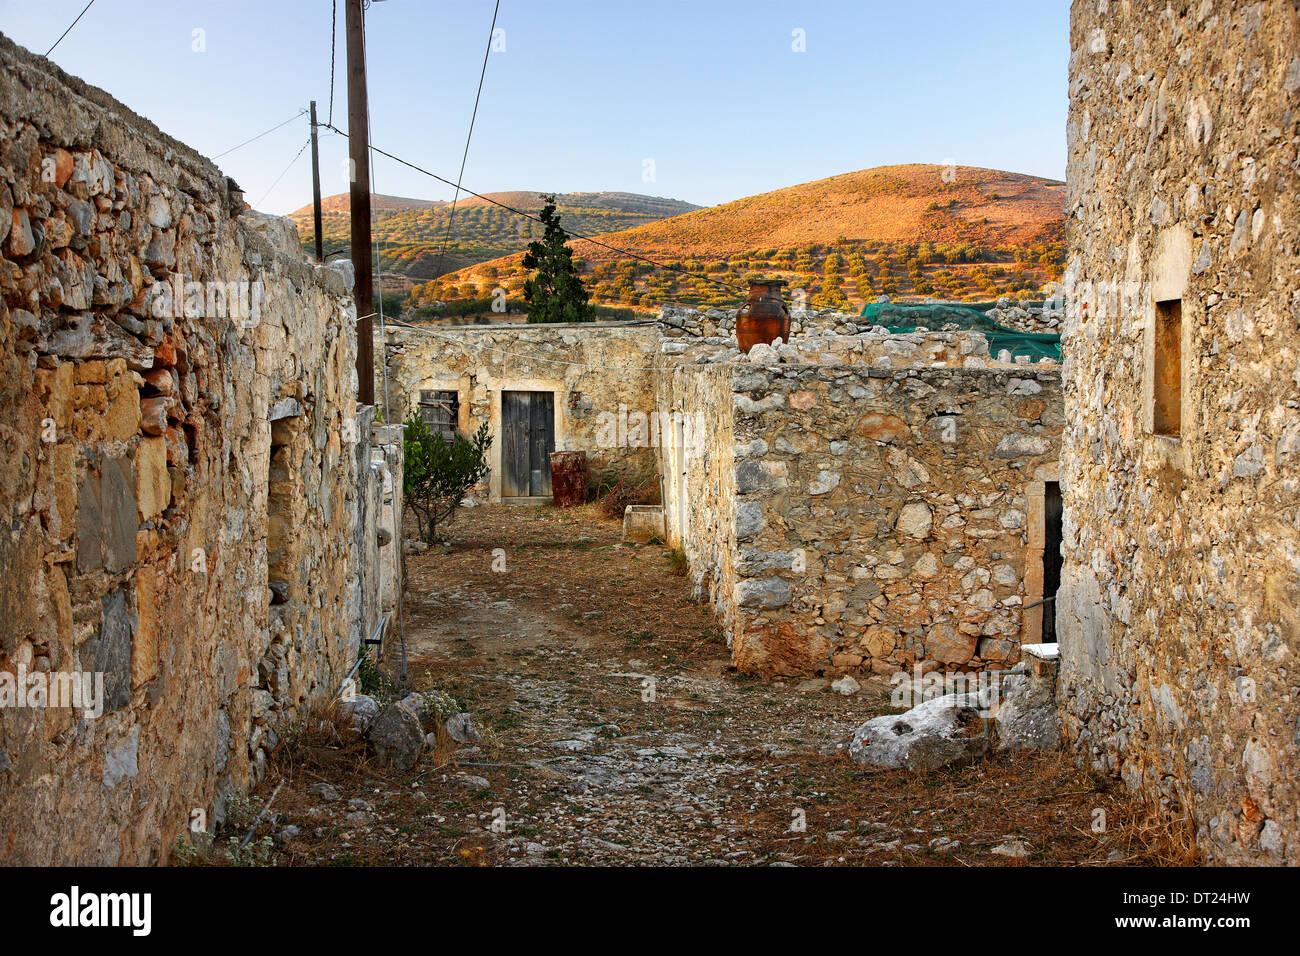 The hamlet of Pezoulas, very close to Kato Pervolakia village, Sitia, Lasithi, Crete, Greece. Inhabitants: 1 - Stock Image